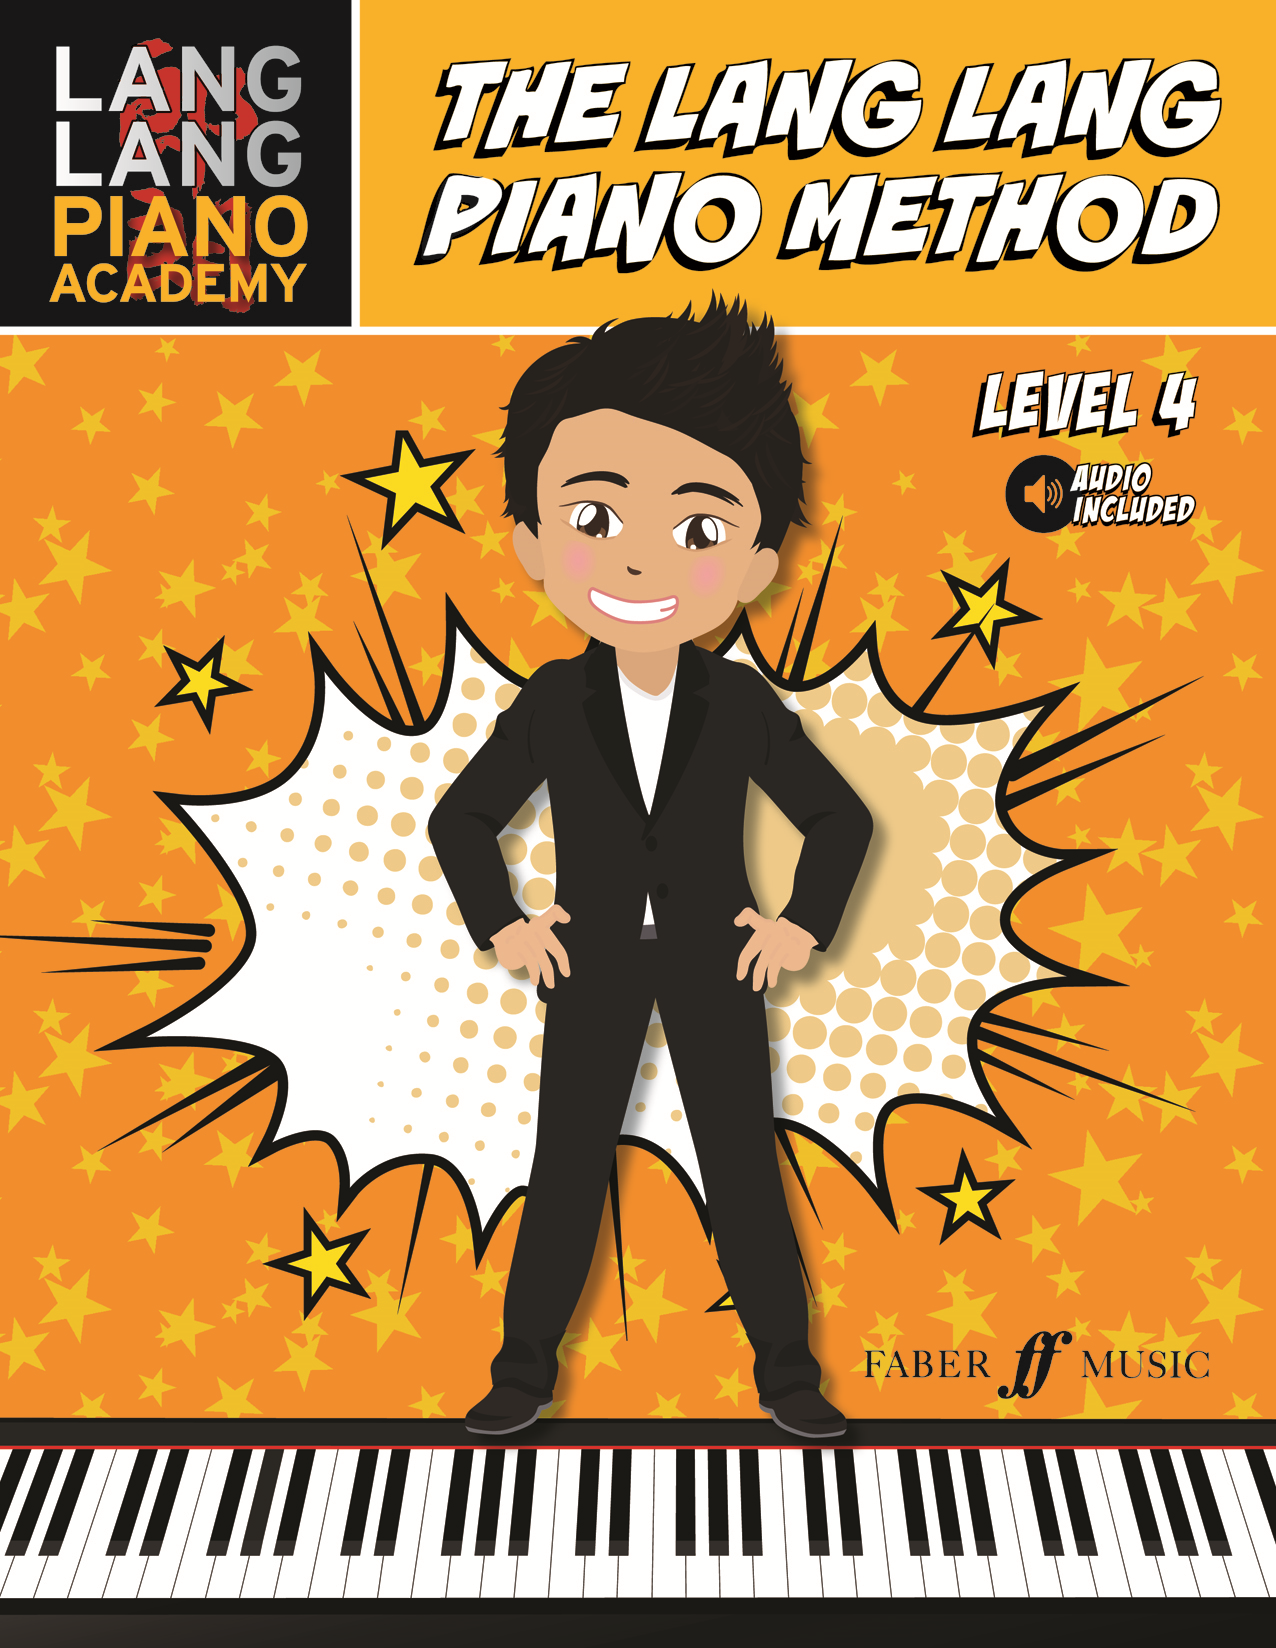 Lang Lang Piano Method Downloads